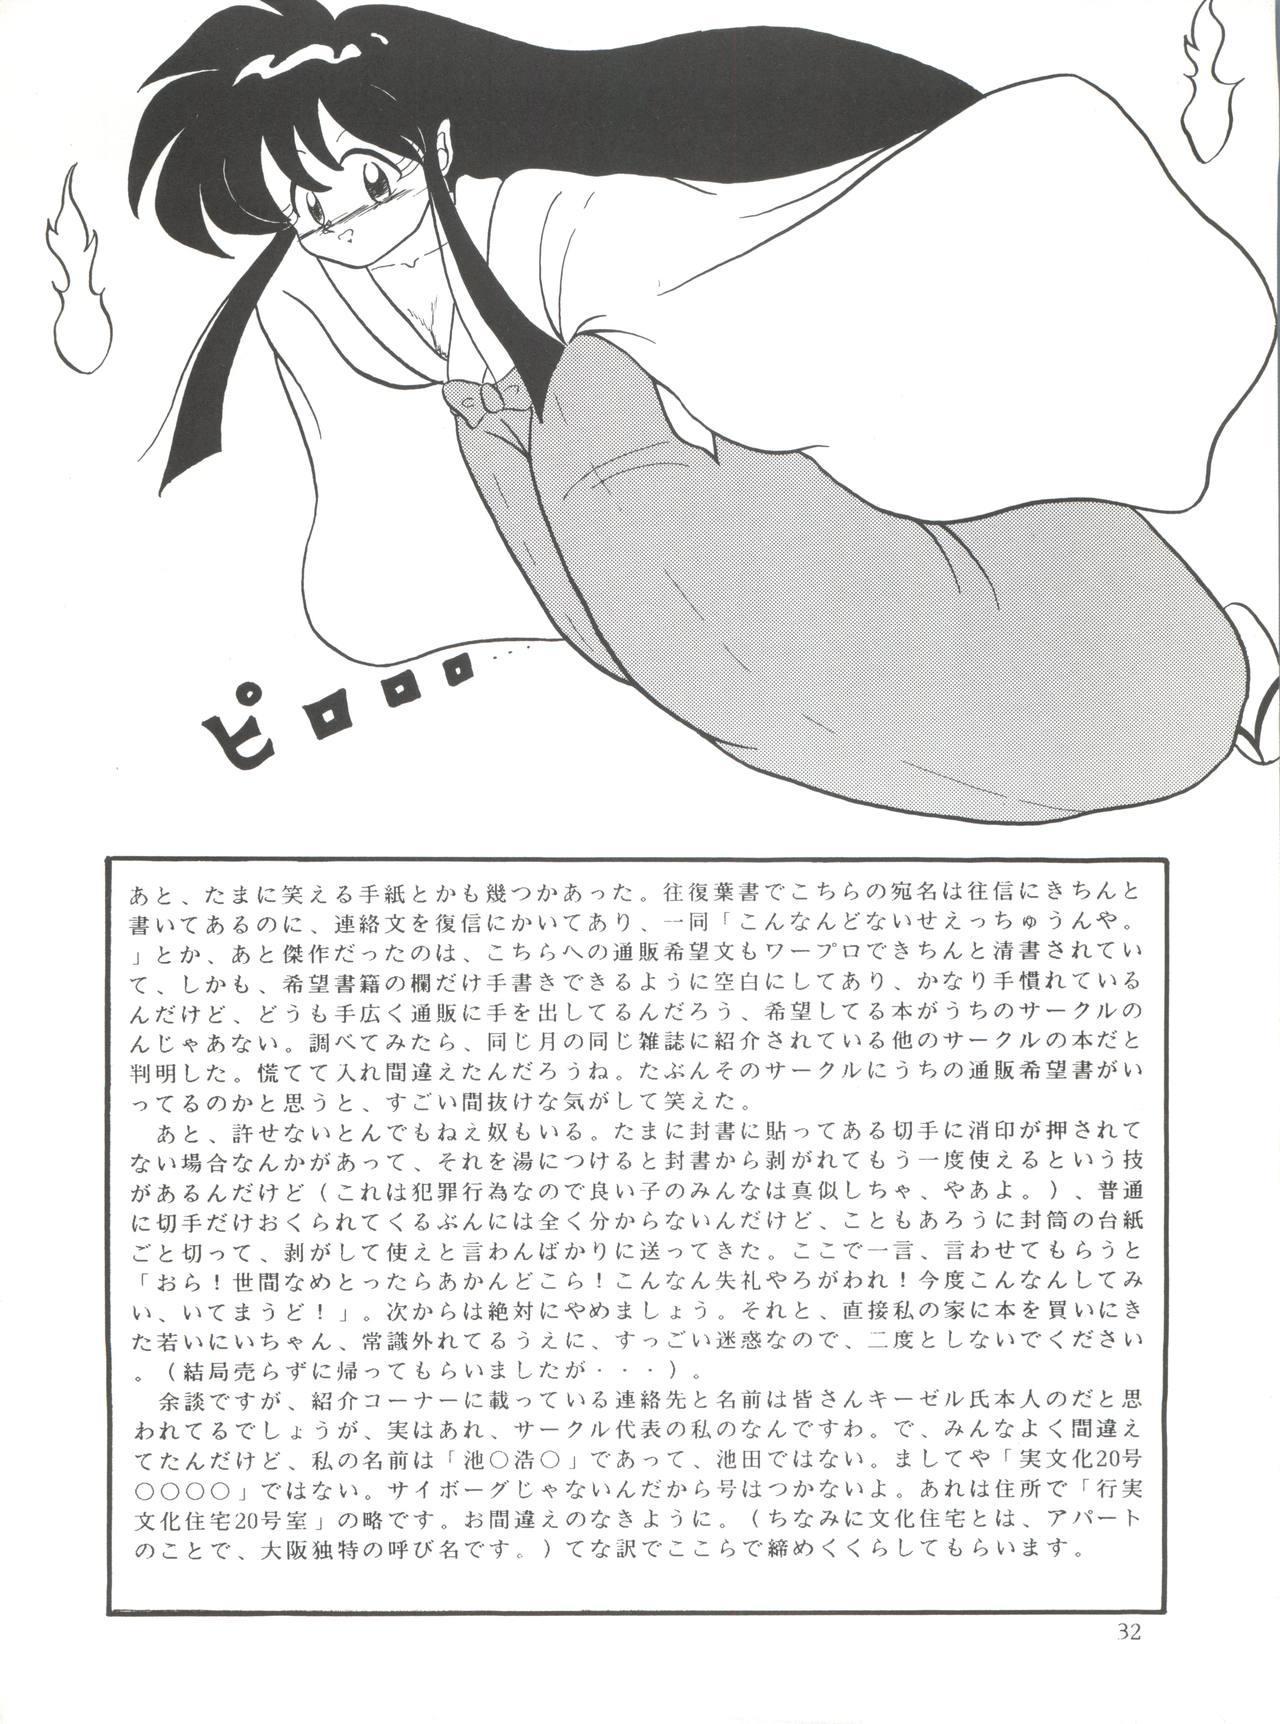 POTATO MASHER Vol. 2 30